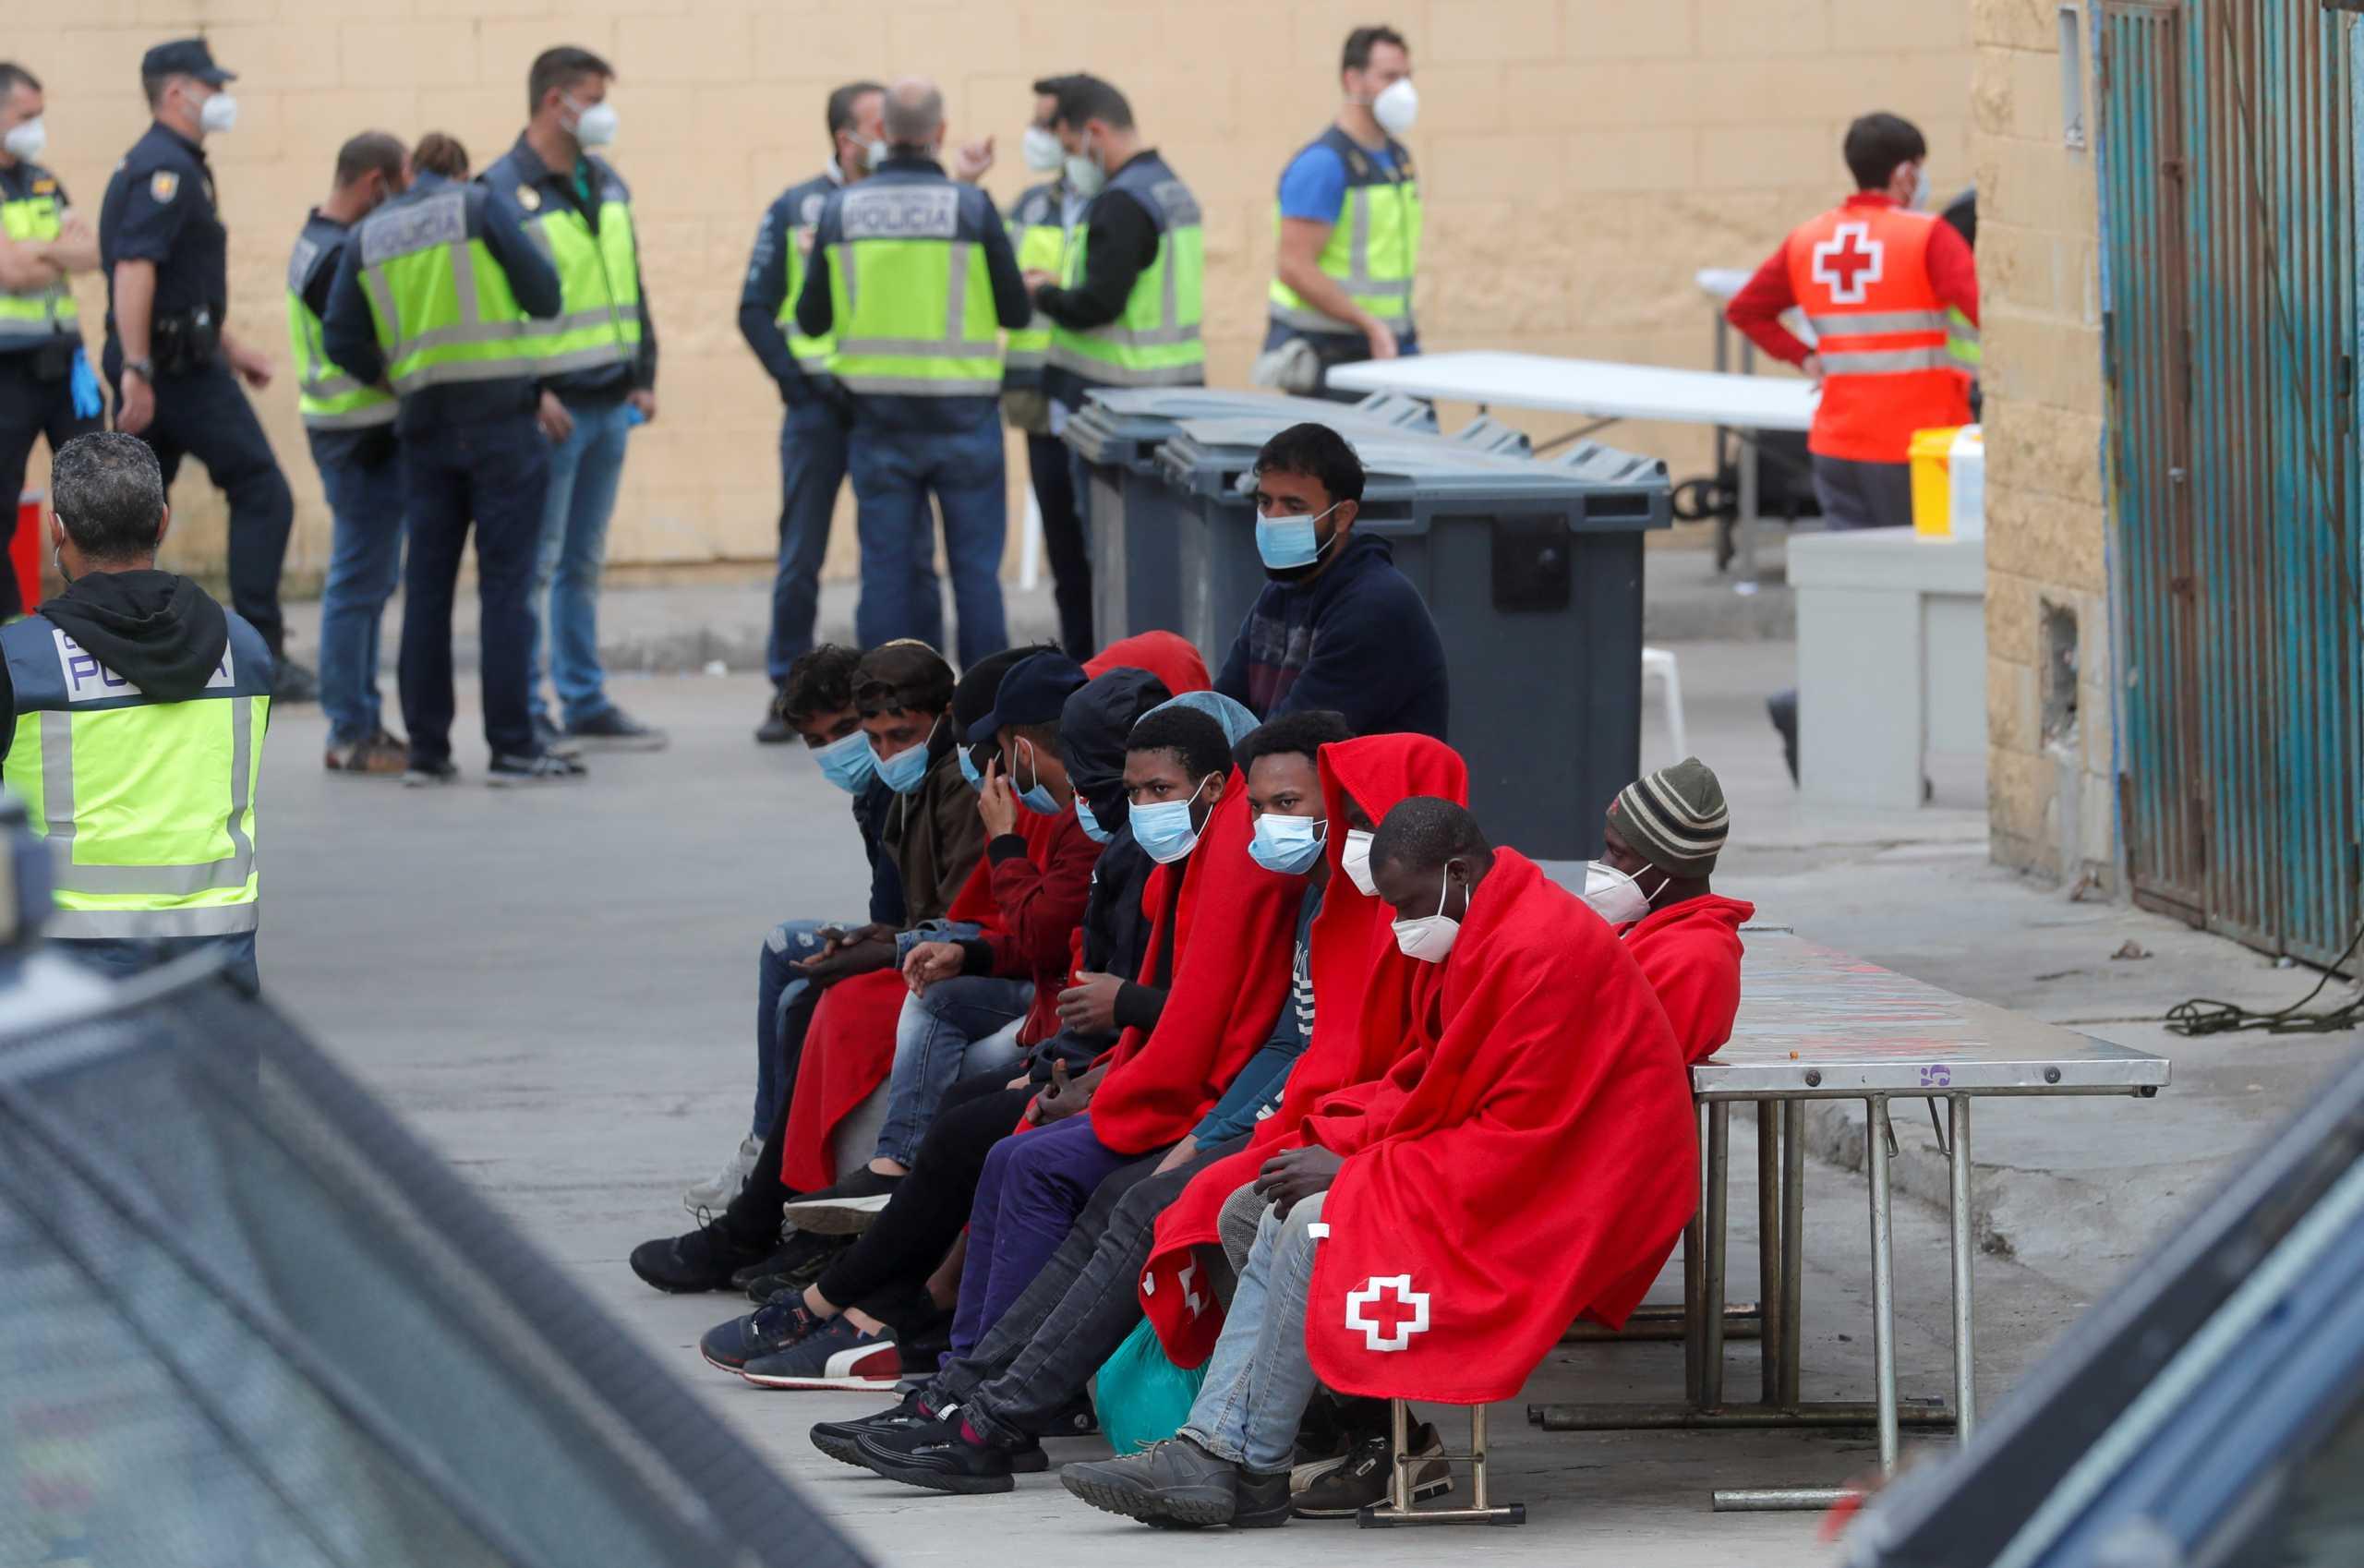 Ισπανία προς Μαρόκο για μετανάστες: Σεβαστείτε τα σύνορά μας